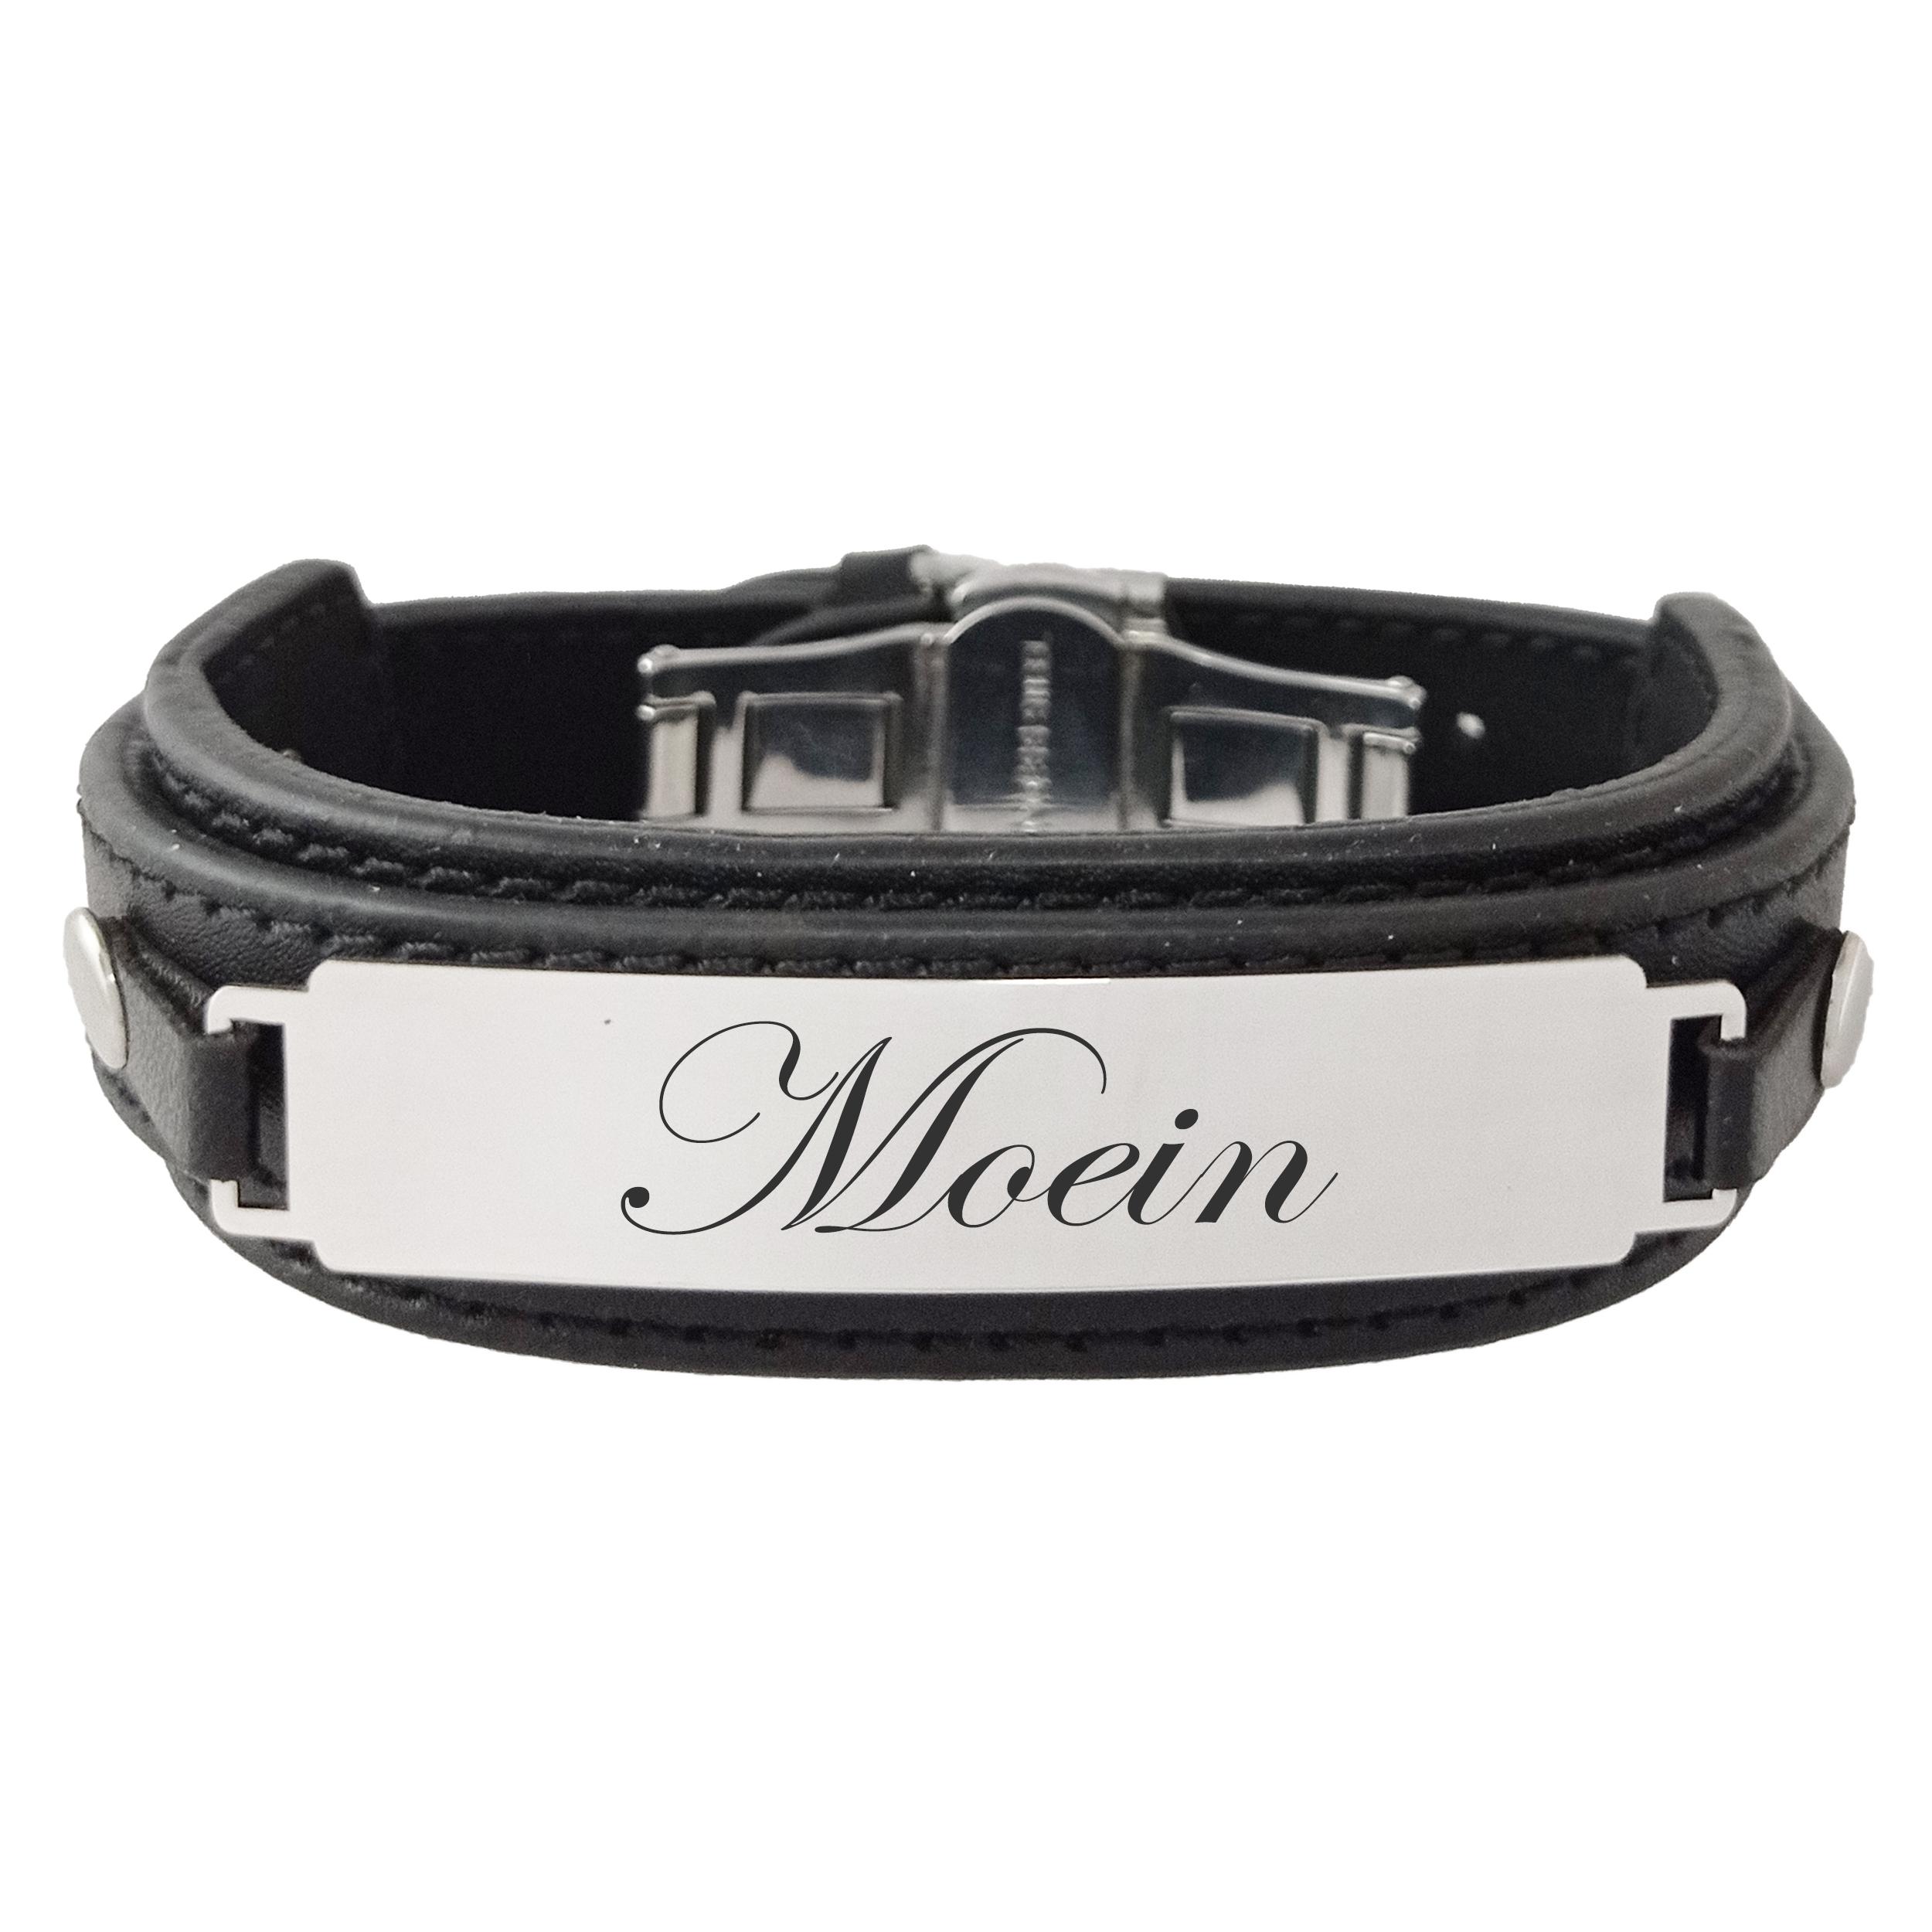 دستبند مردانه ترمه ۱ مدل معین کد Sam 975